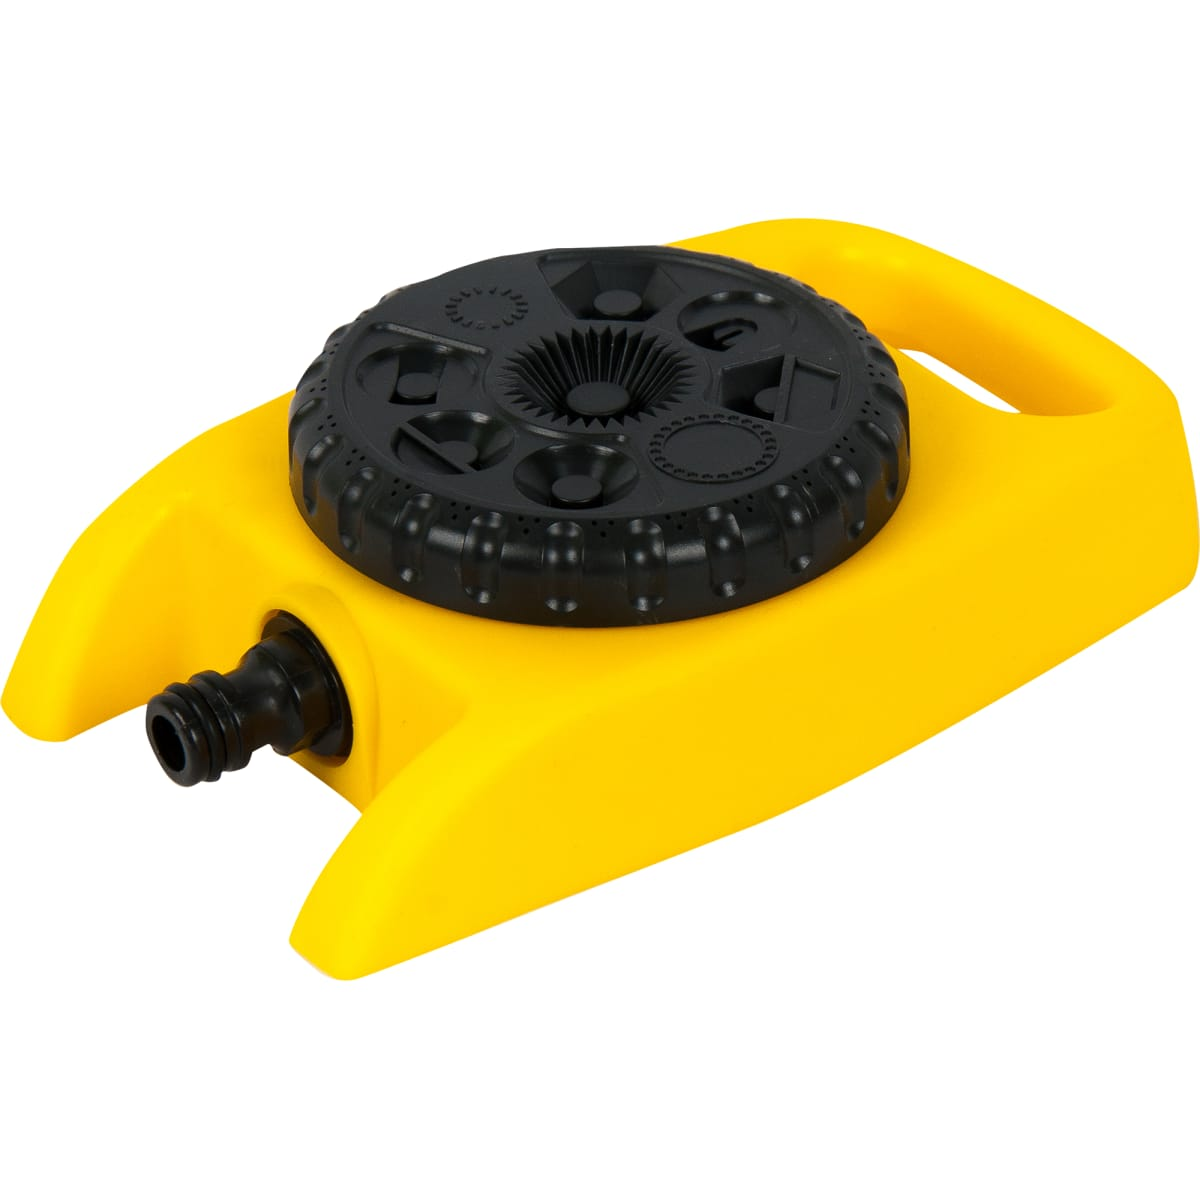 Дождеватель для полива круговой, 20 (м²), 8 режимов